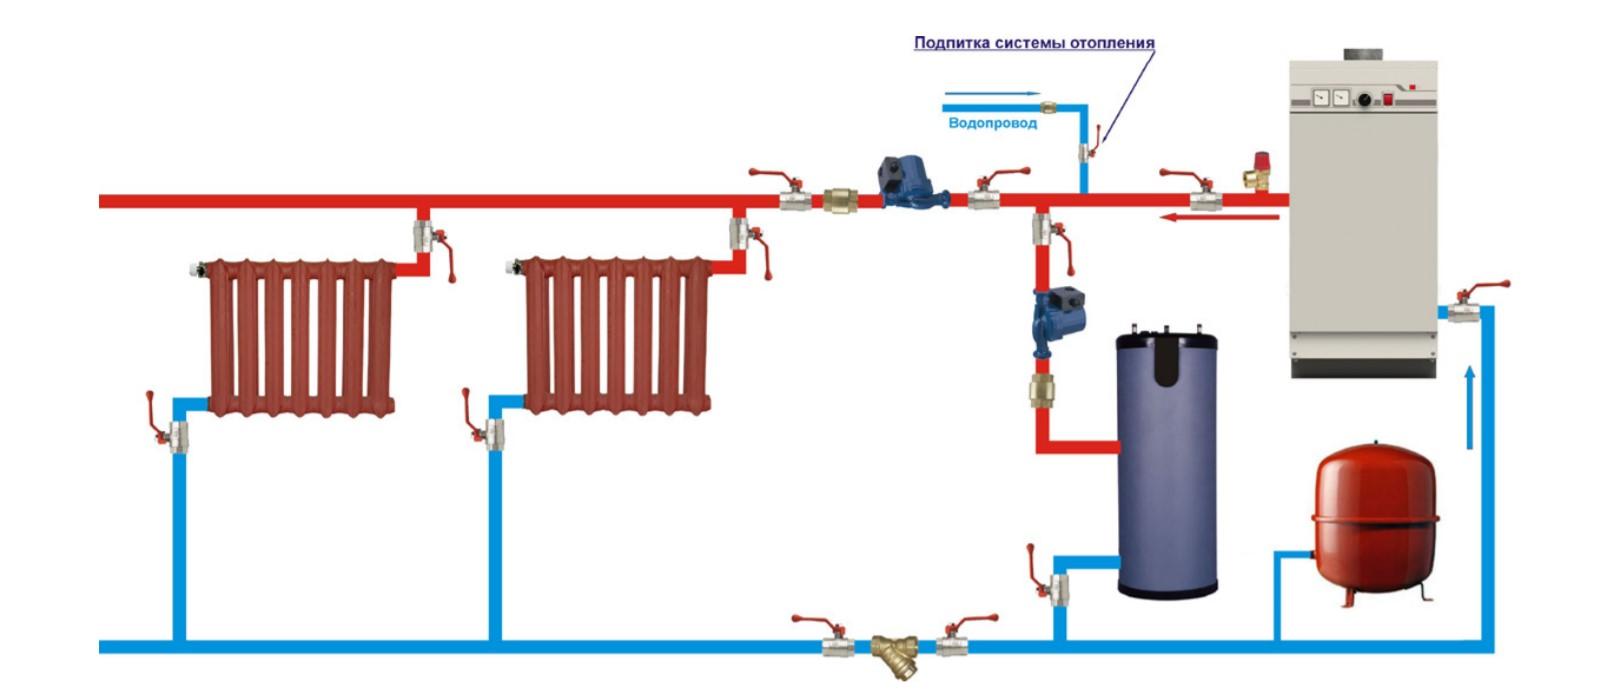 Рисунок 7. Схема подключения котла с принудительной циркуляцией теплоносителя.